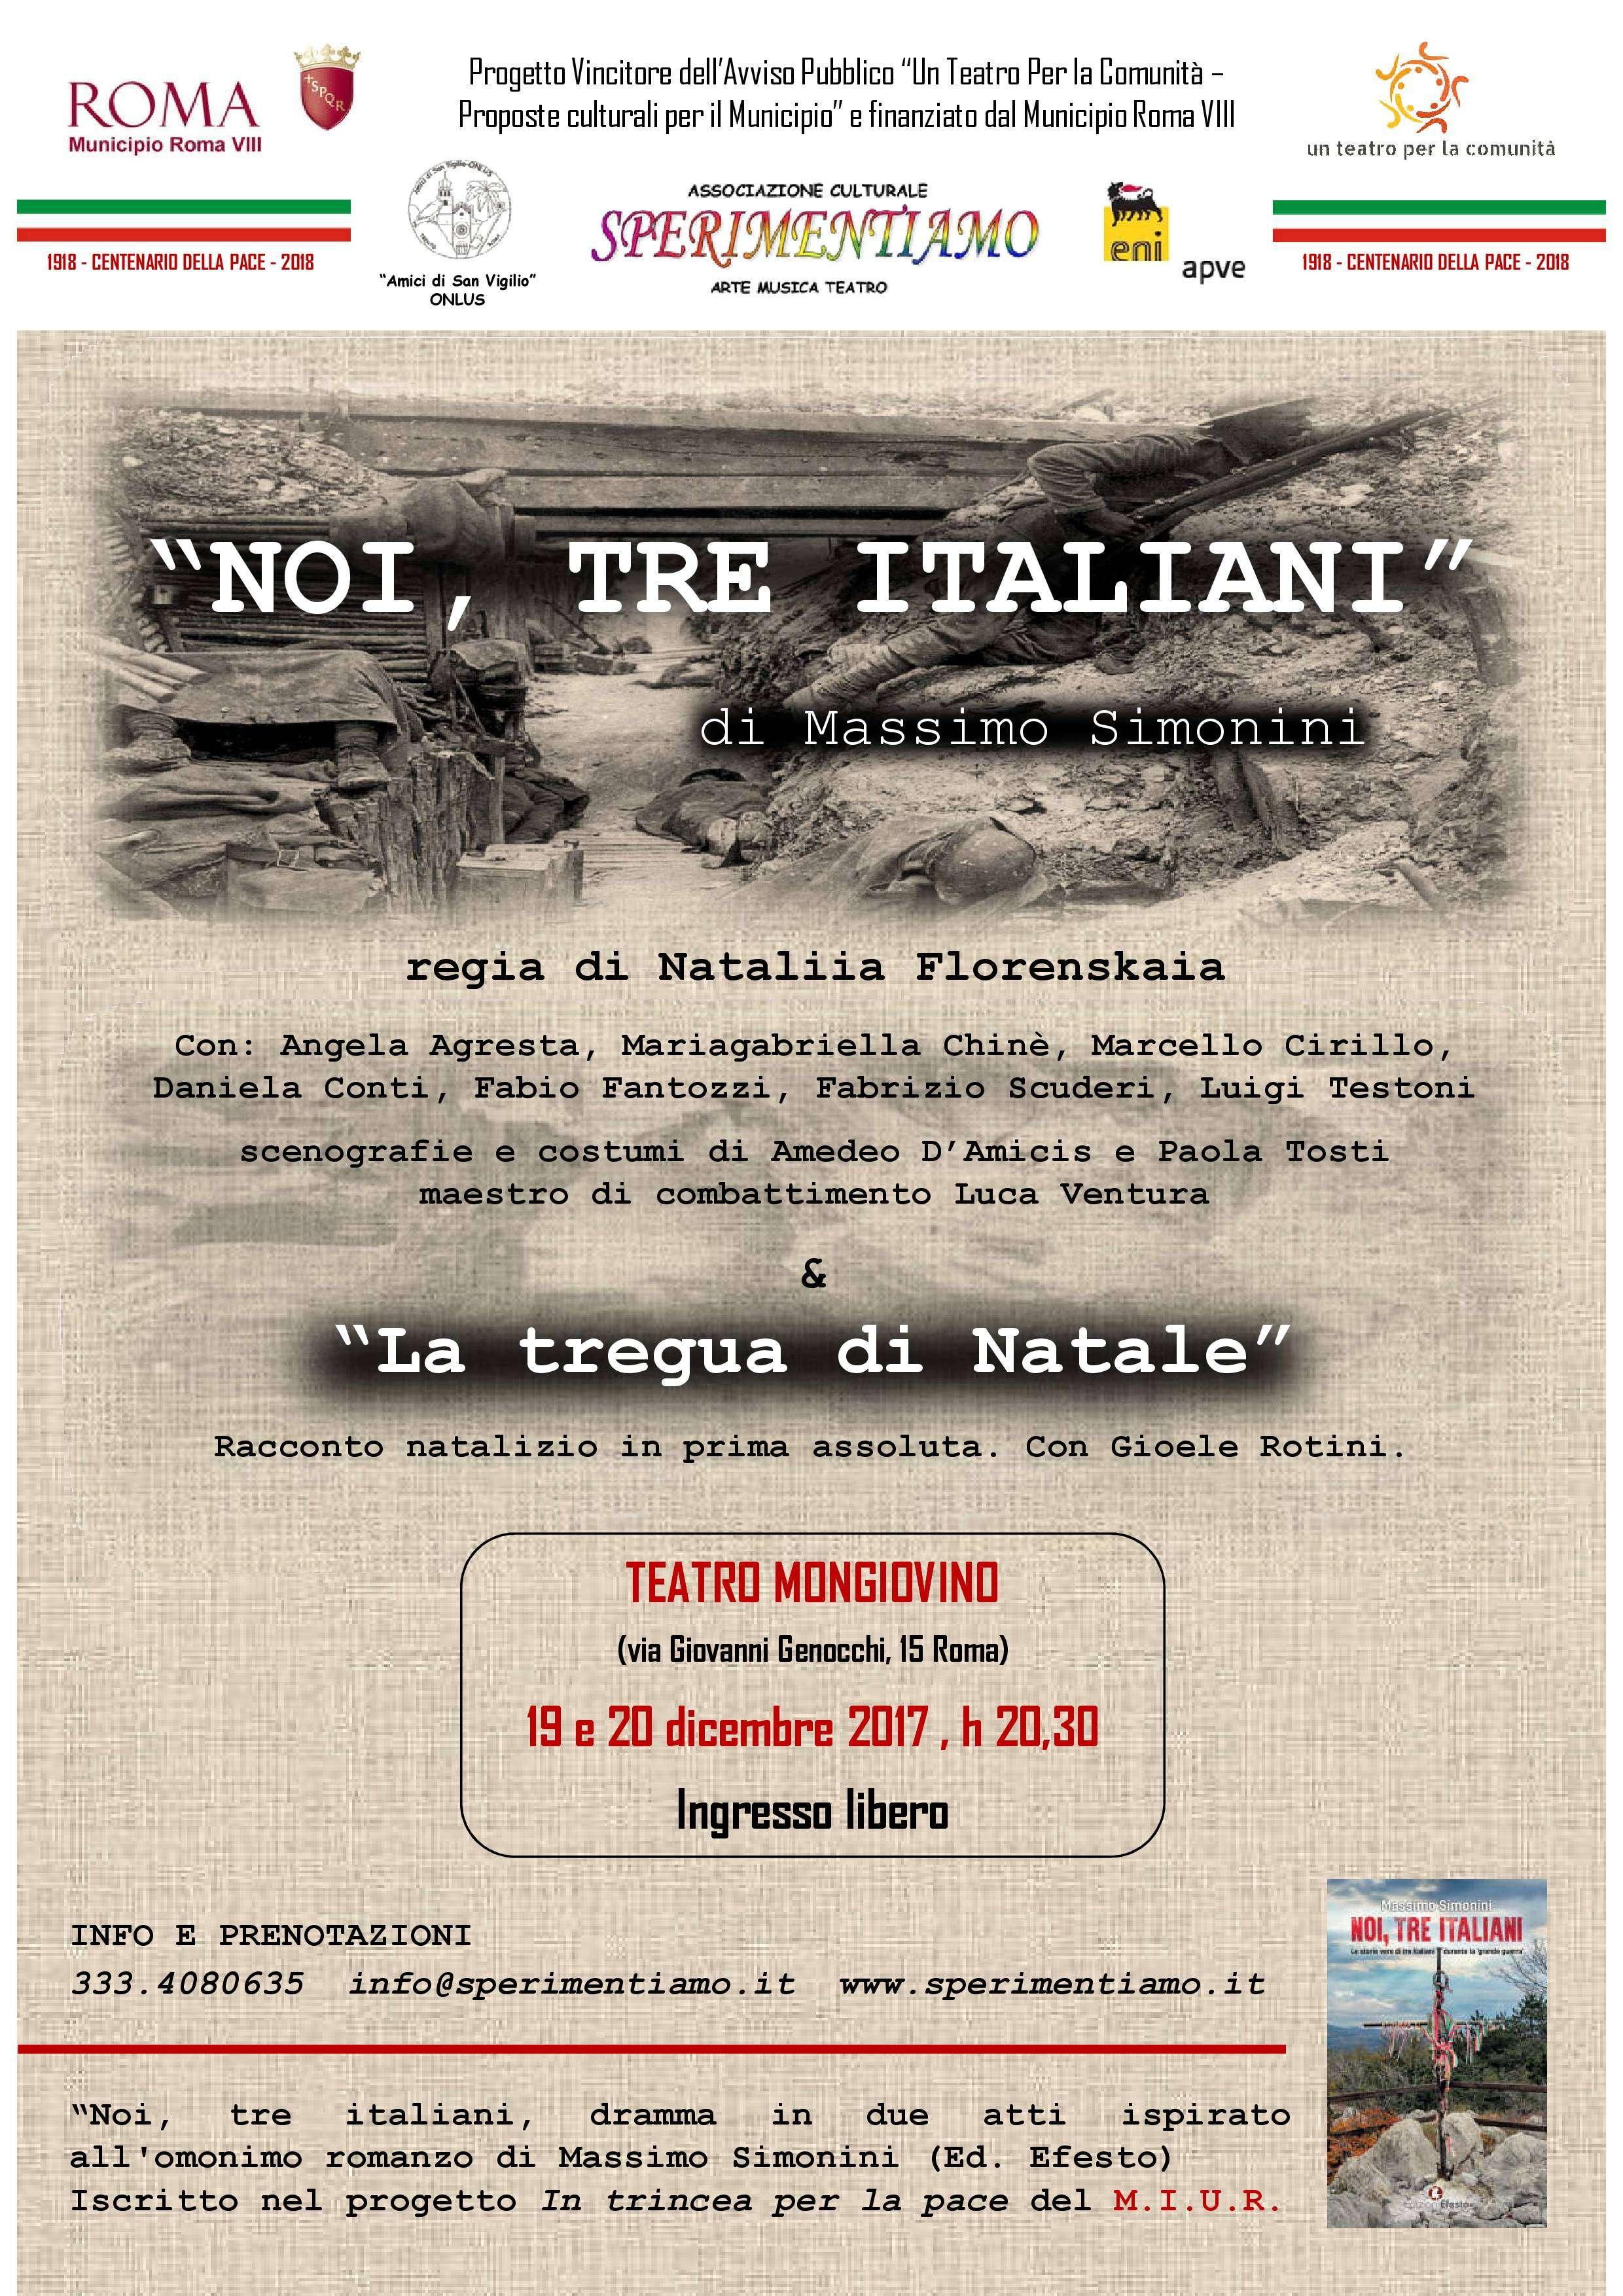 """""""Noi, tre italiani"""" al Teatro Mongiovino il 19 e 20 dicembre. Ingresso Gratuito"""